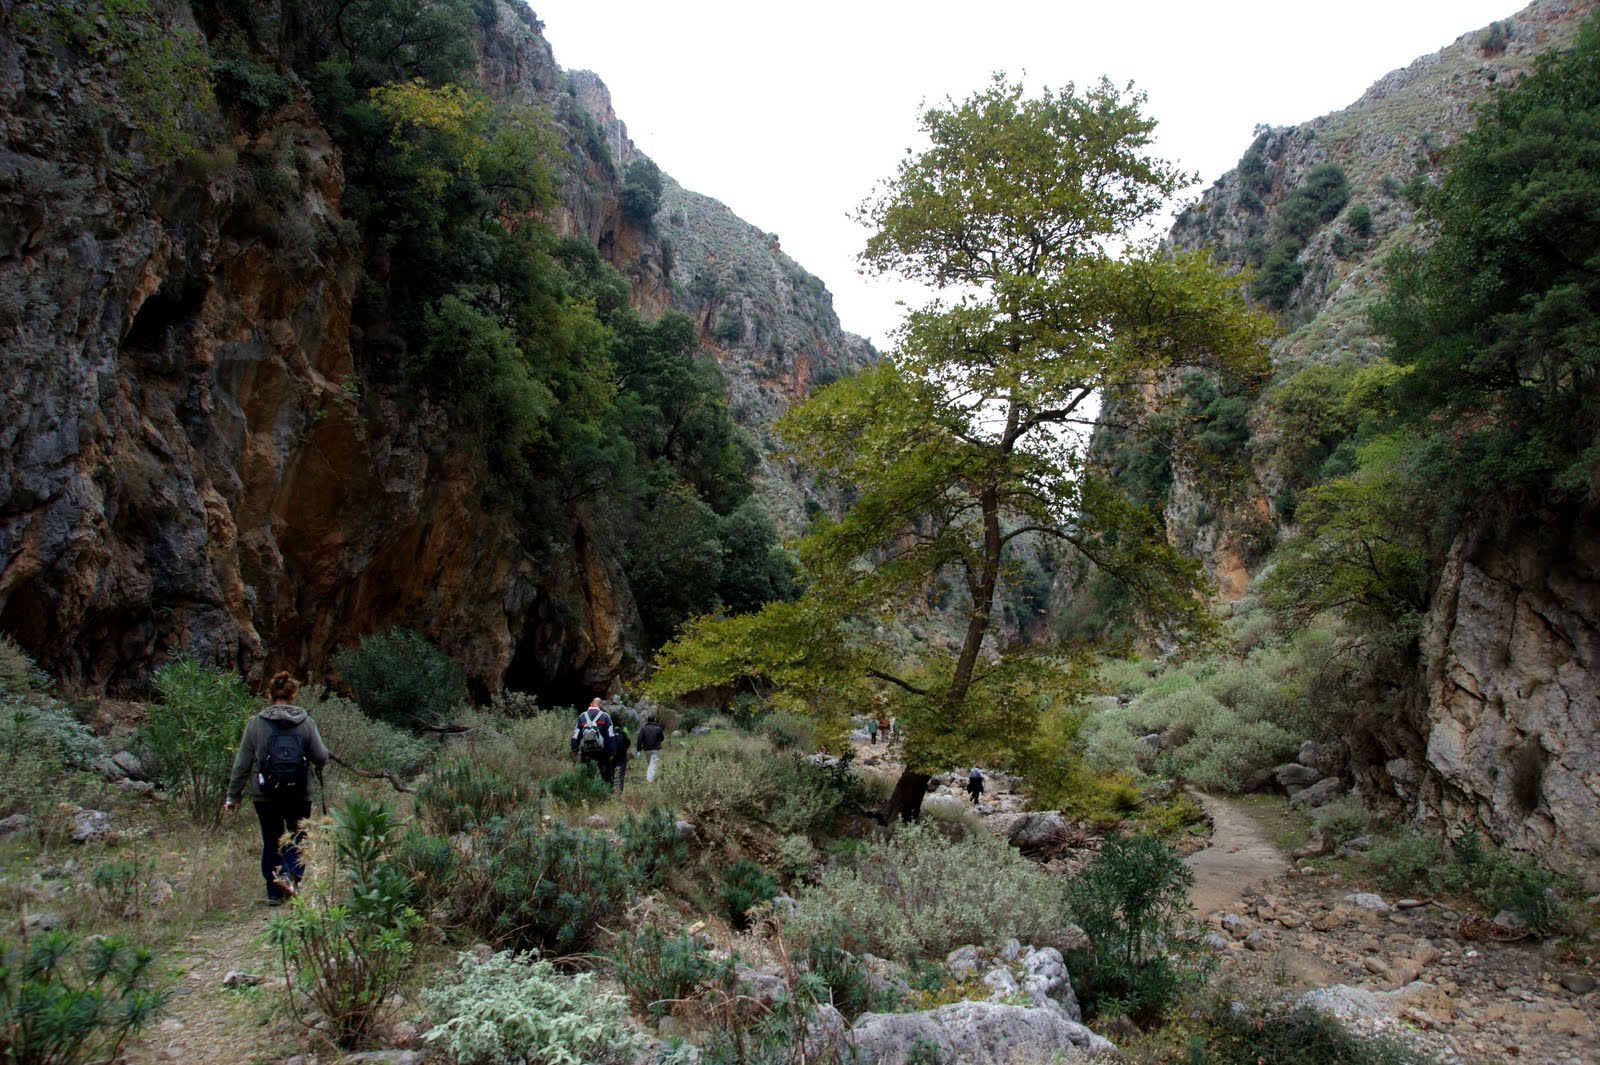 Topolia Gorge - Travel Guide for Island Crete, Greece